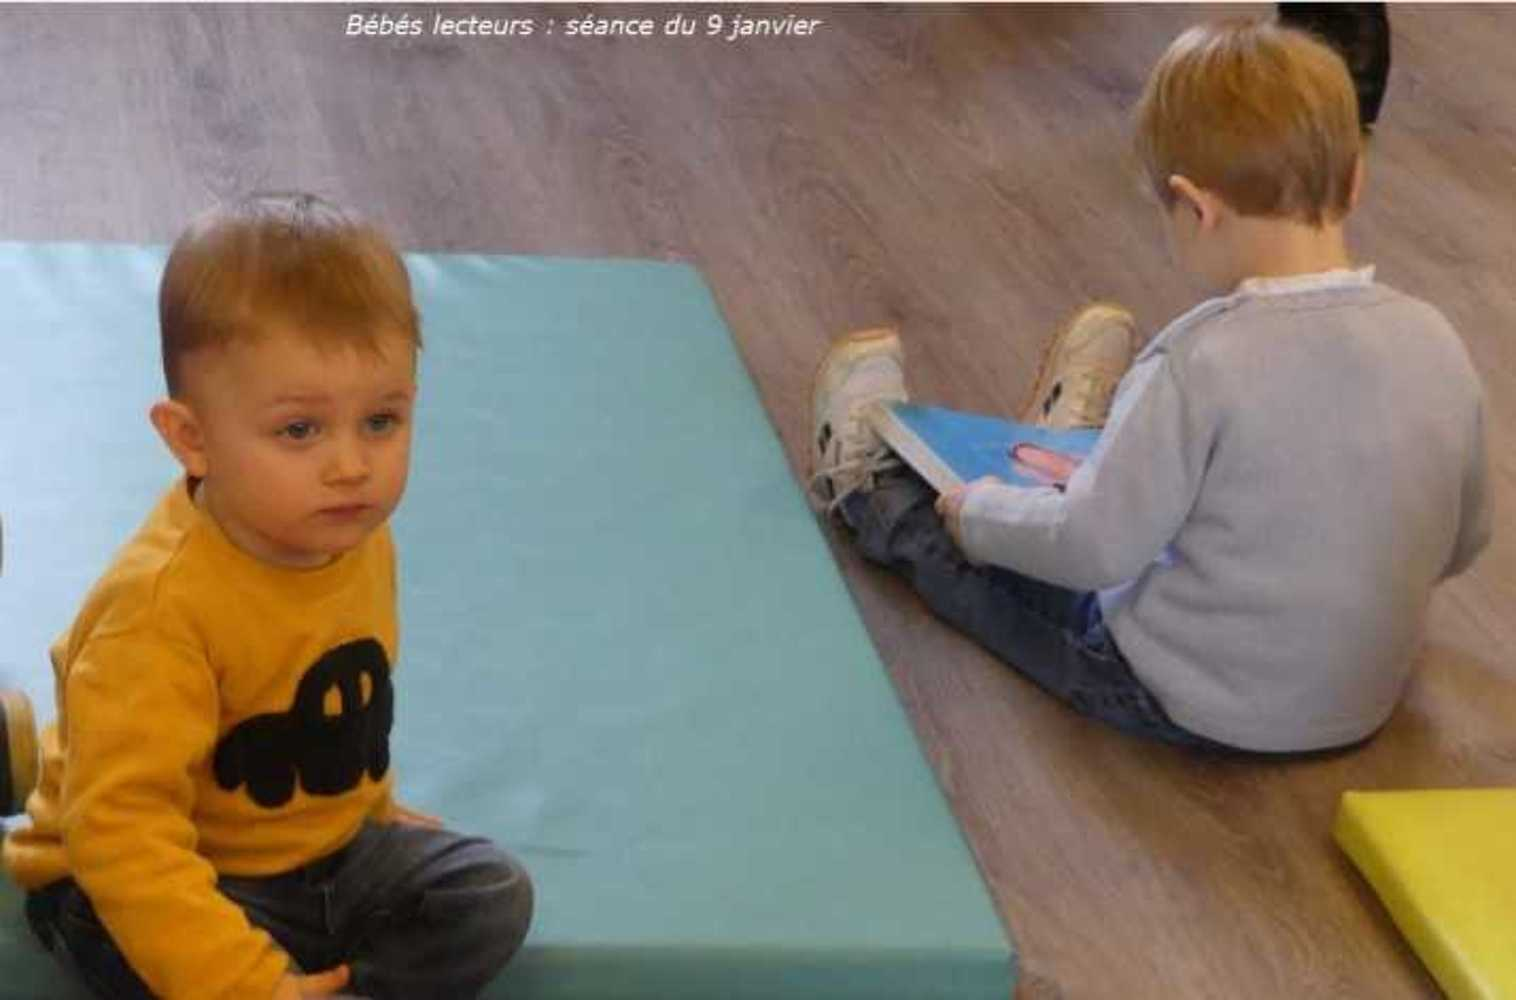 Photos des bébés lecteurs du 9 janvier image9